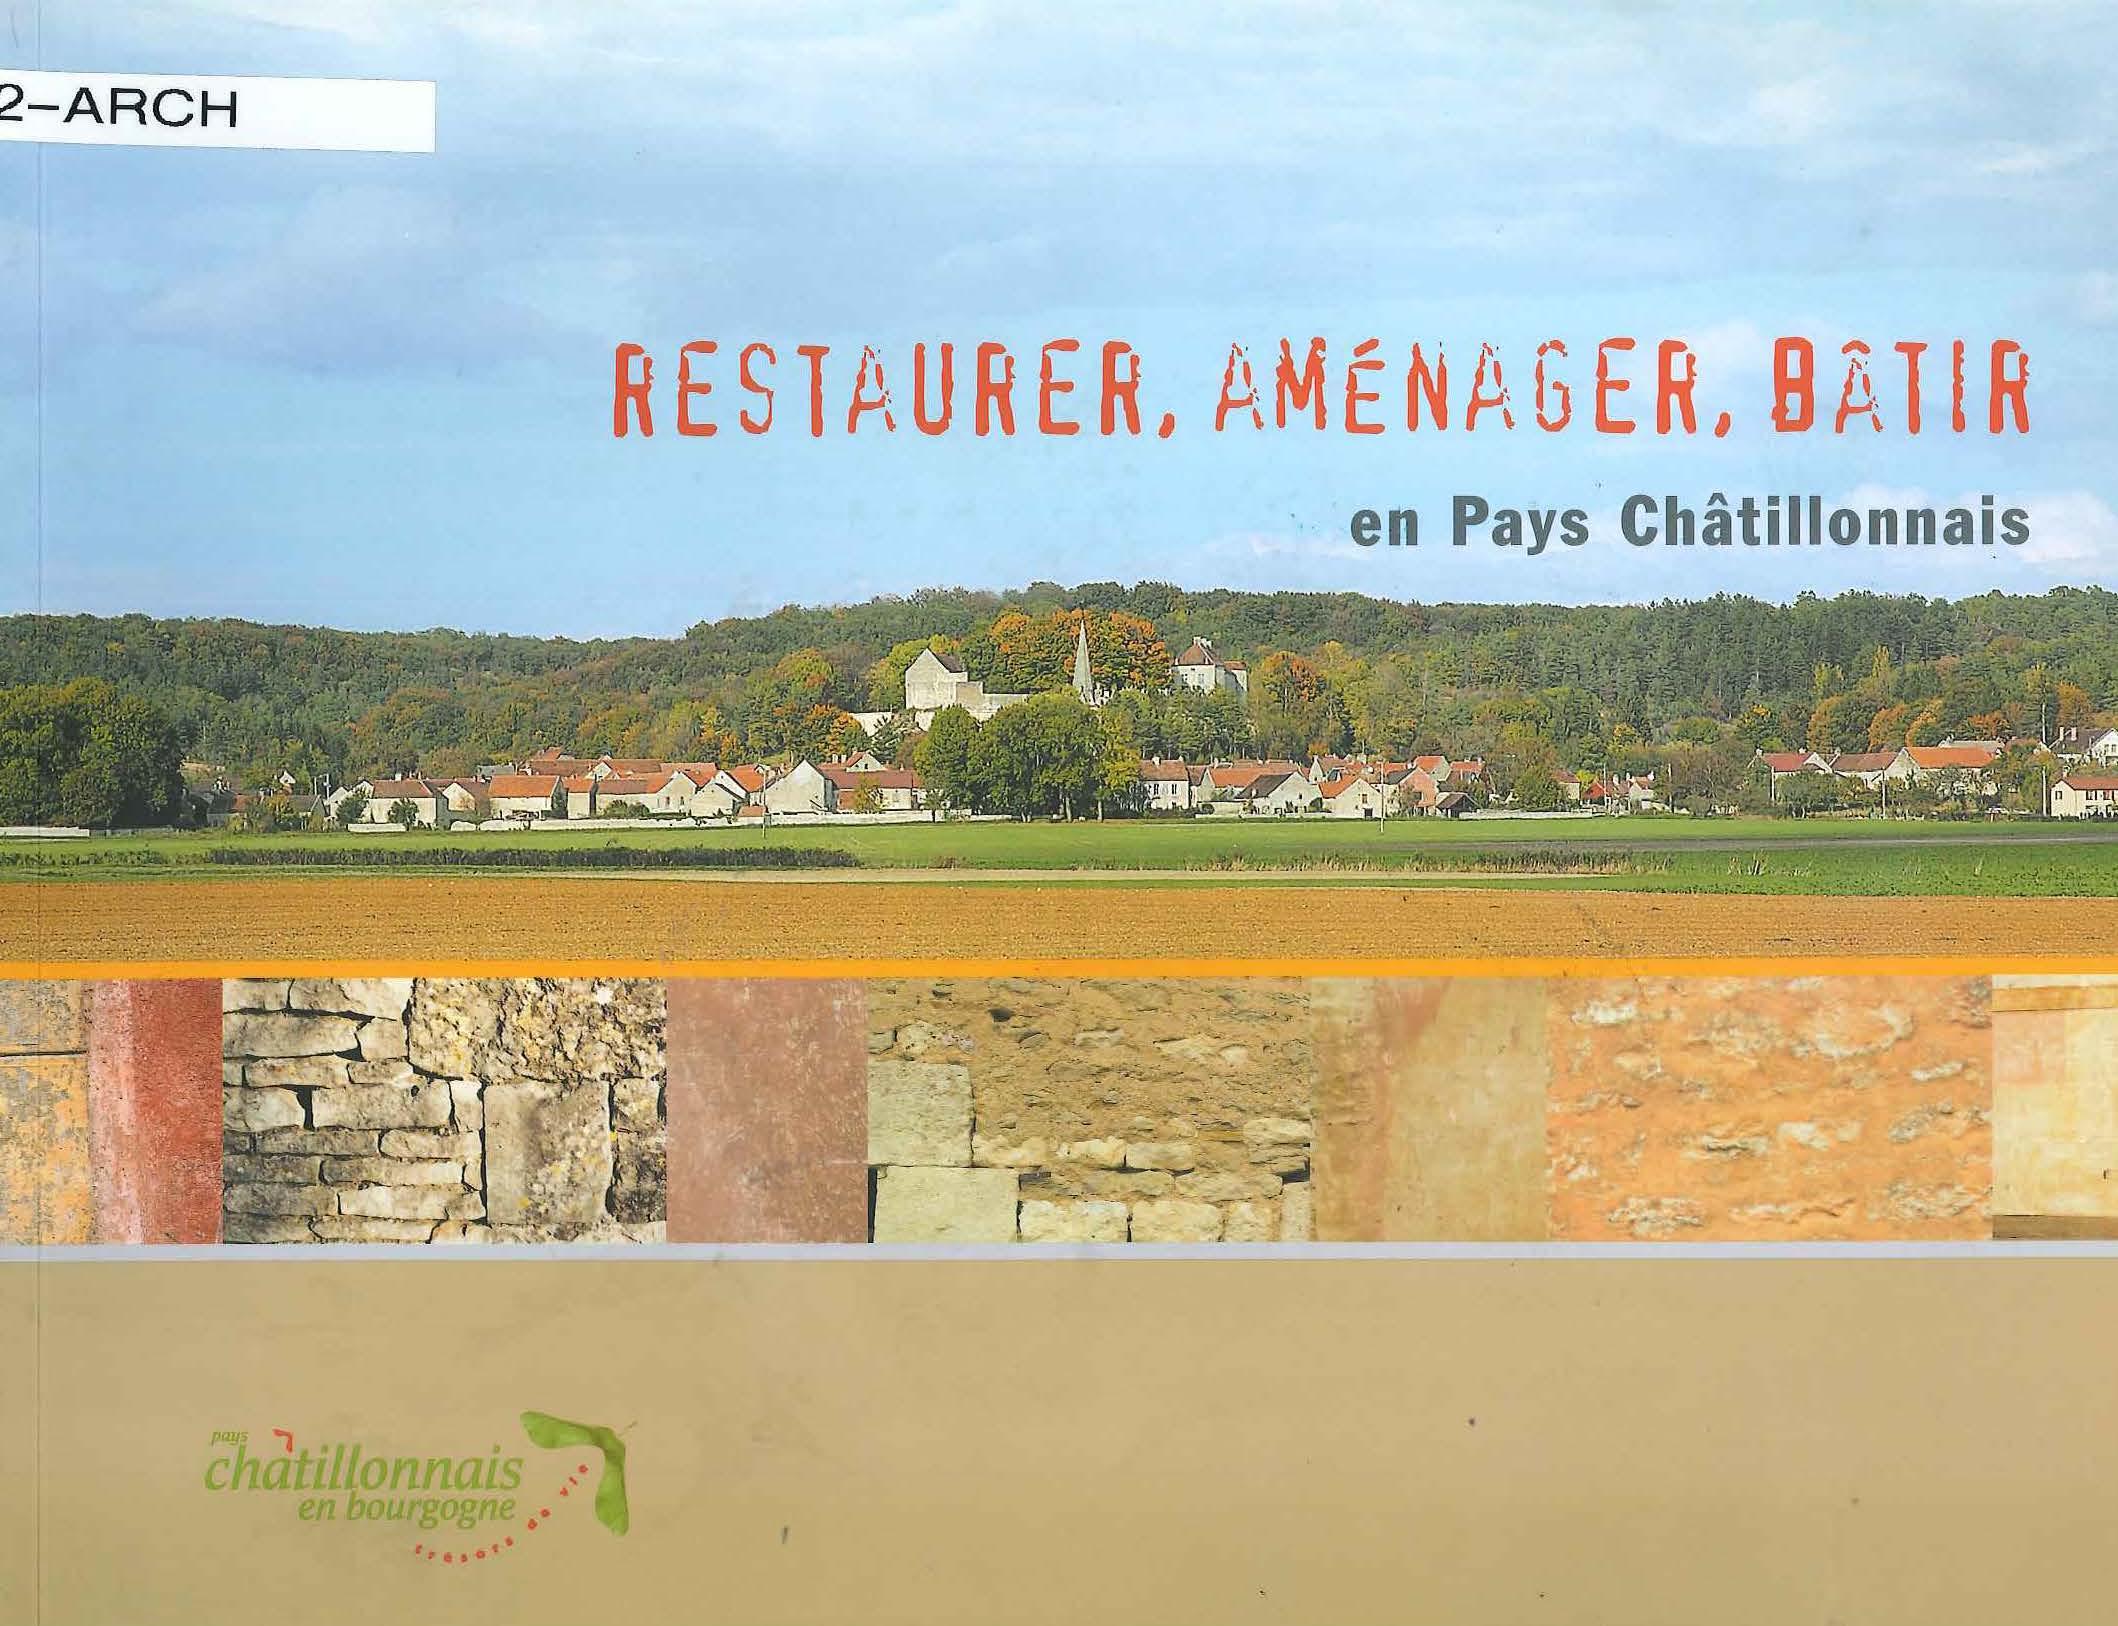 Restaurer, Aménager, Bâtir en Pays Châtillonais